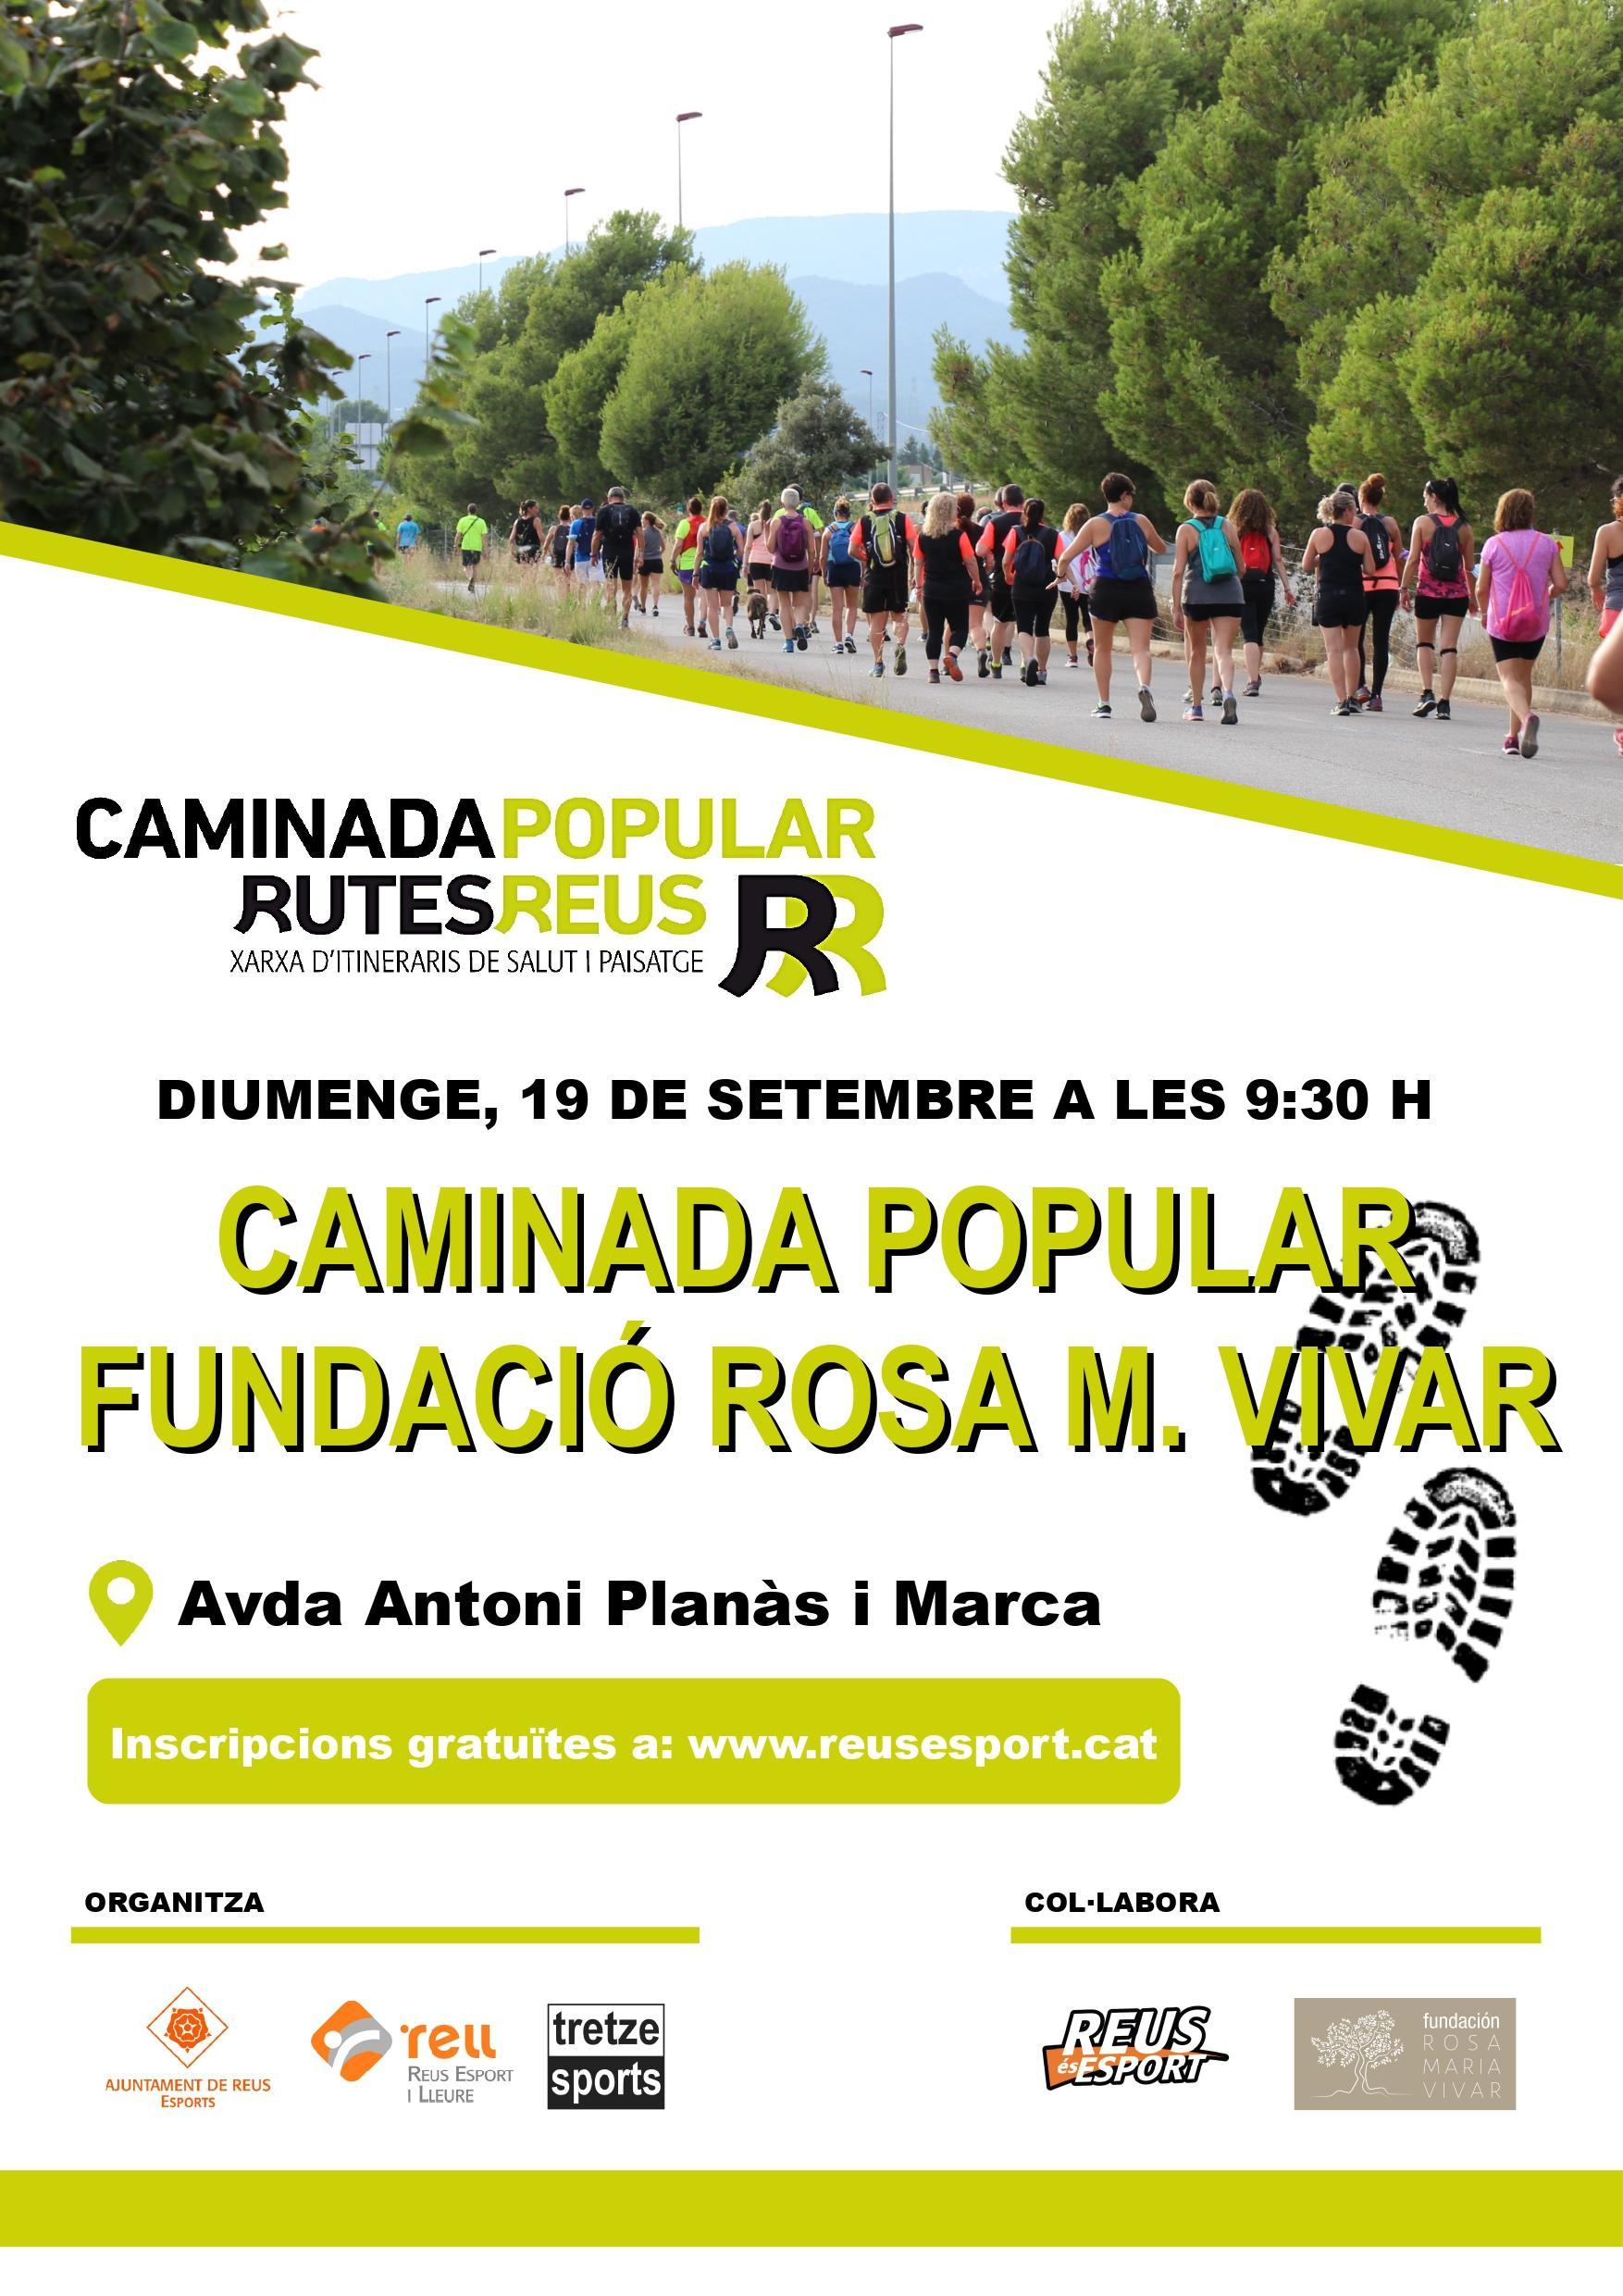 Caminada Popular Fundació Rosa M Vivar